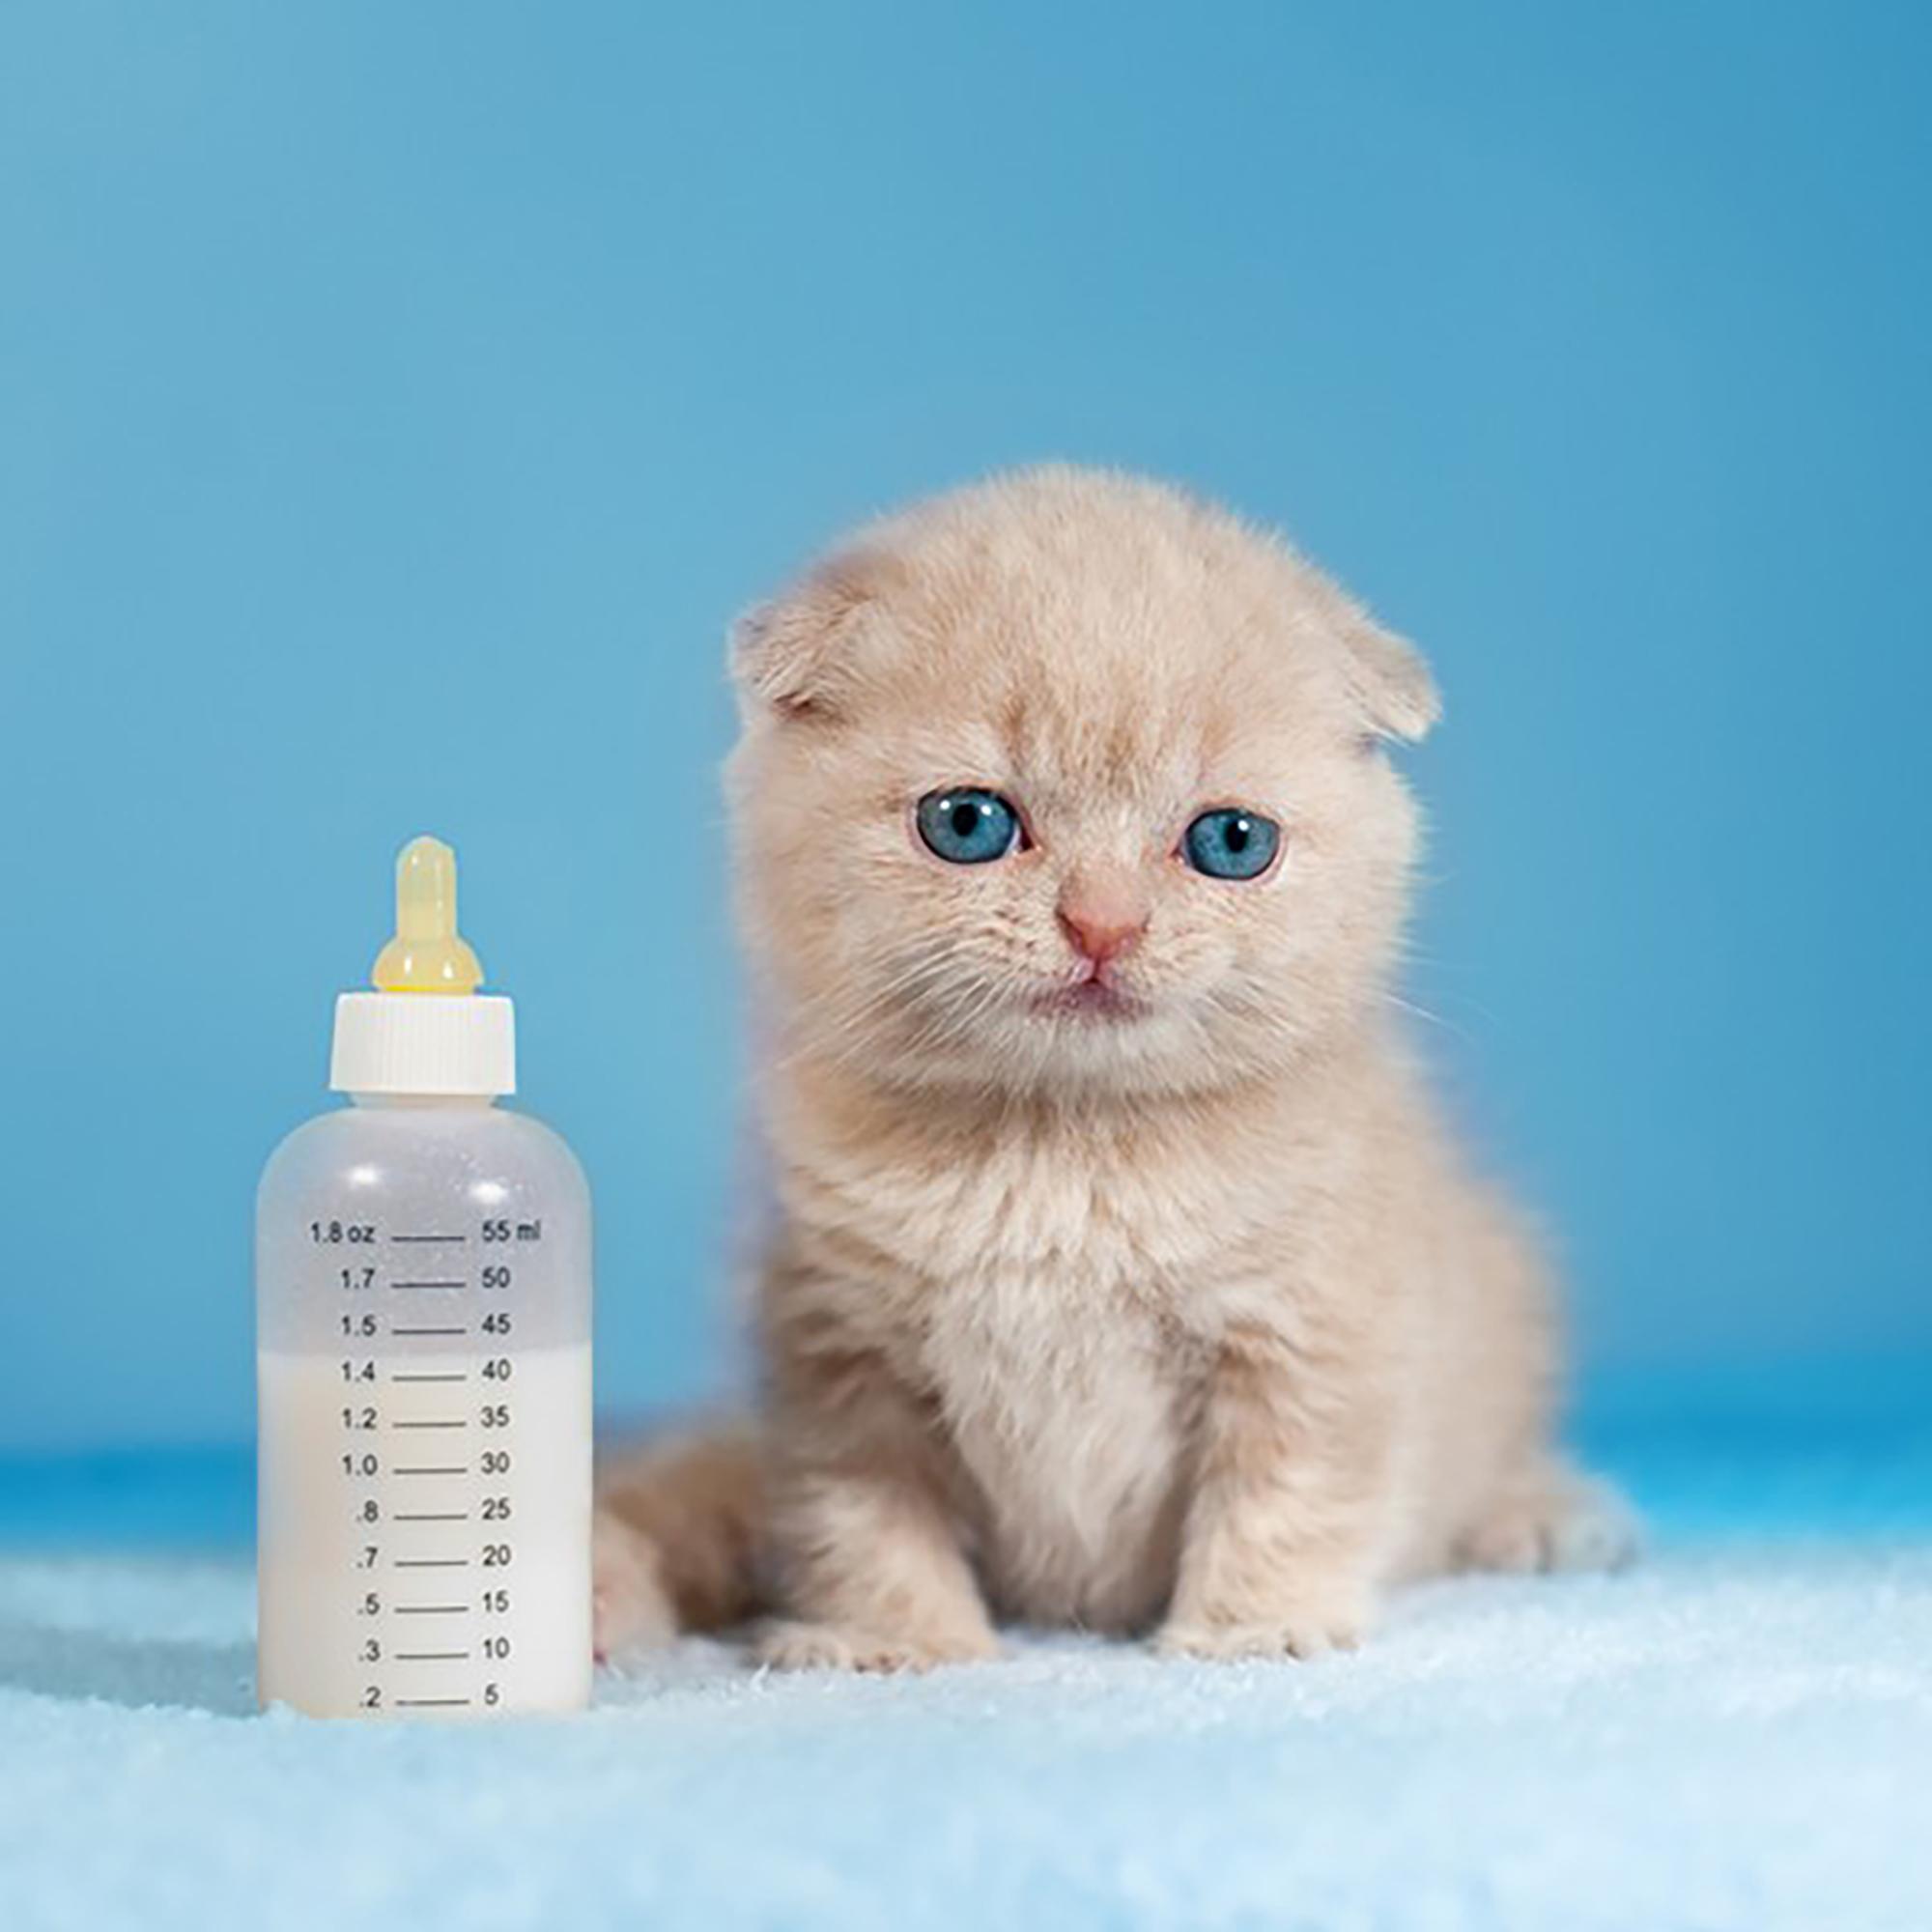 دانلود صدای میو میو گربه [صدای بچه گربه + جیغ گربه]